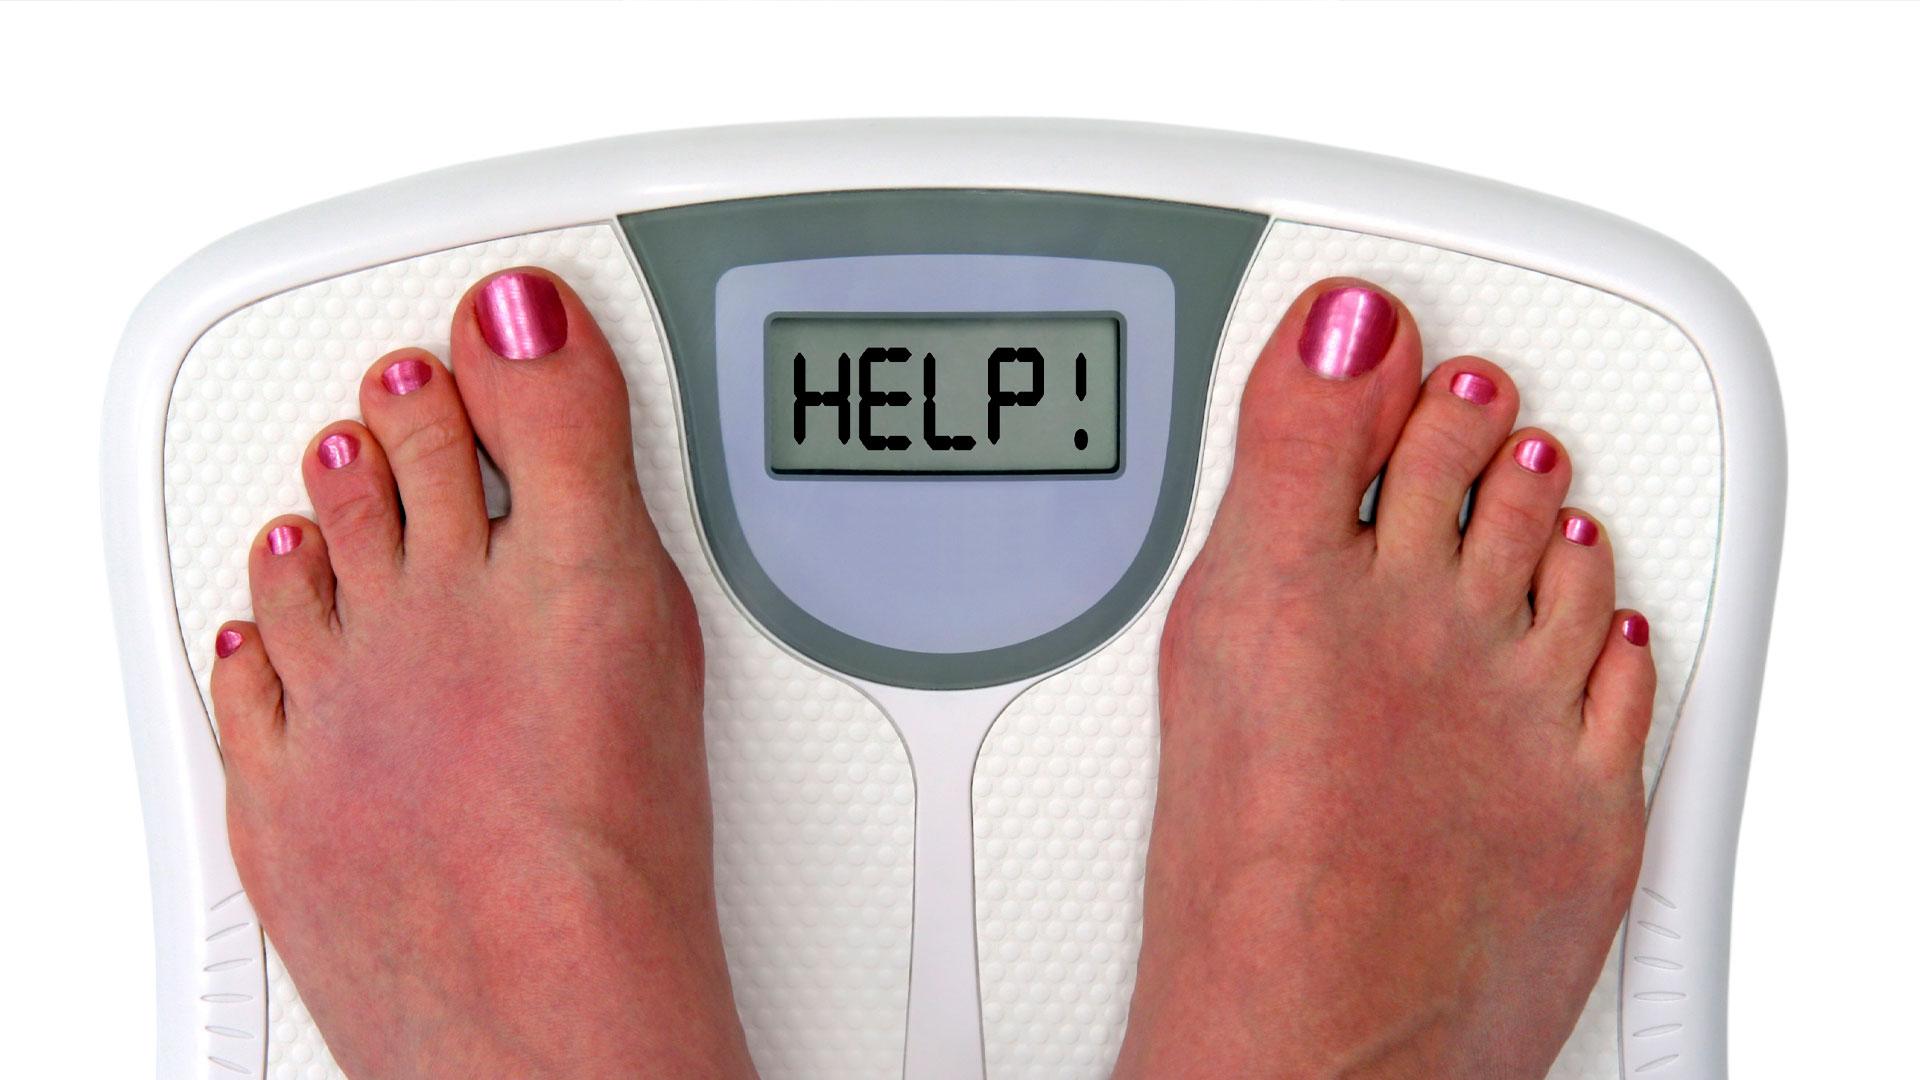 Diabete di tipo 2 e obesità, livelli di glucosio ridotti con la dieta intermittente a bassissimo contenuto calorico